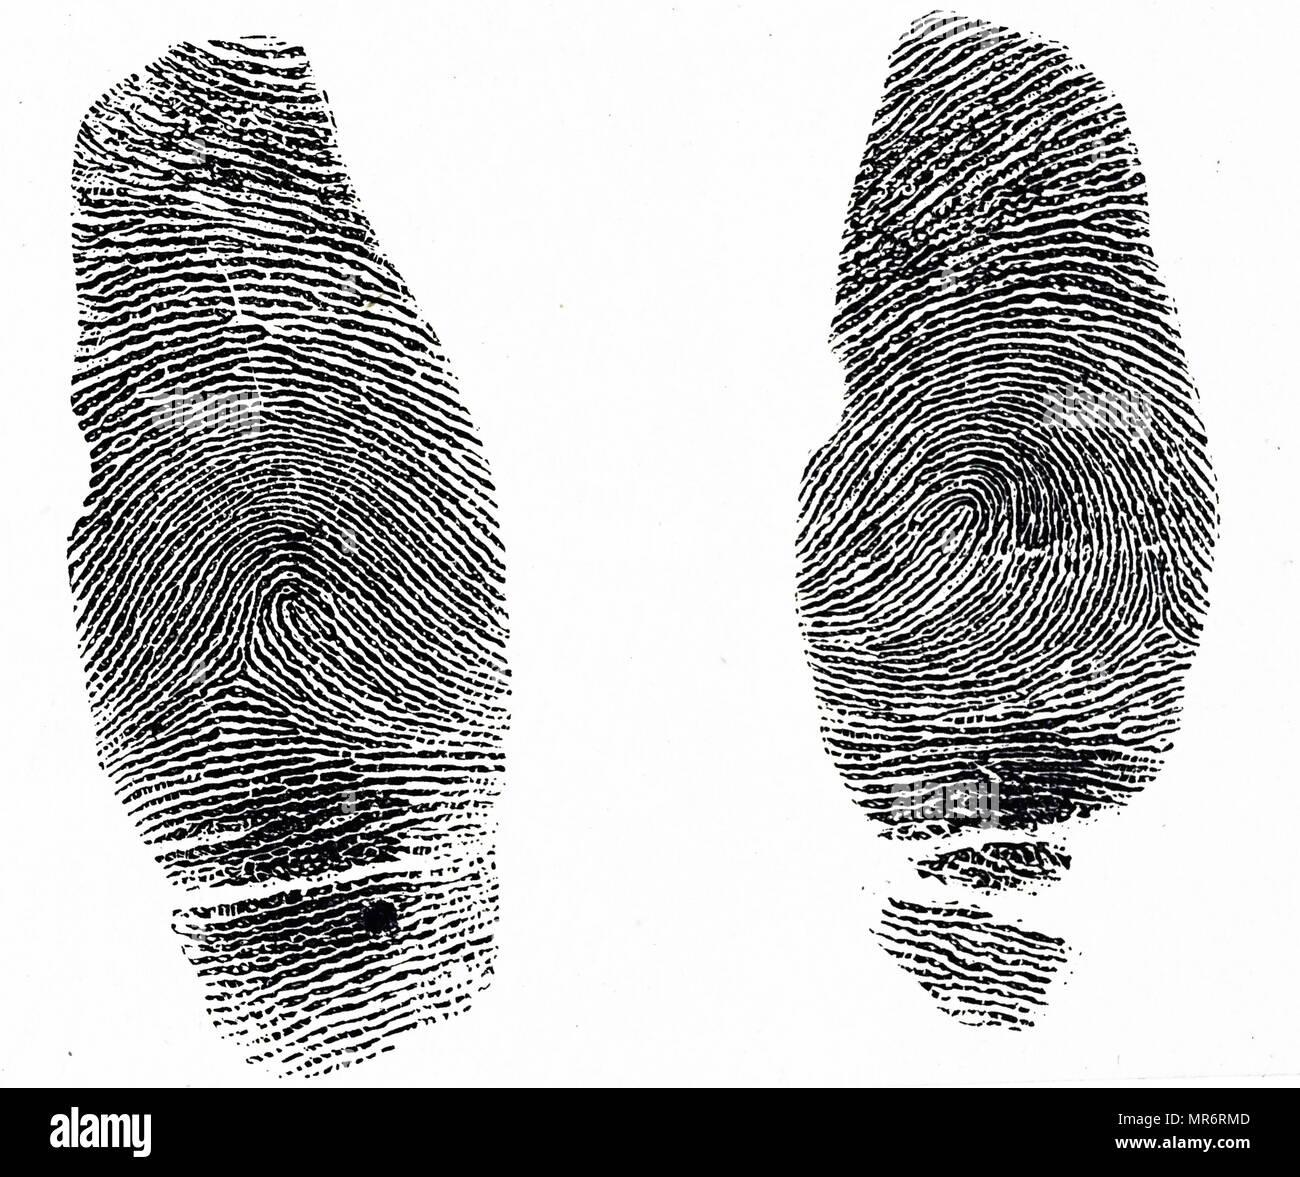 Zwei verschiedene Sätze von Daumen druckt. Gedruckt in China wurden verwendet, um Straftäter zu identifizieren, während die westlichen Polizei noch mit Fotografien waren. Vom 19. Jahrhundert Stockbild